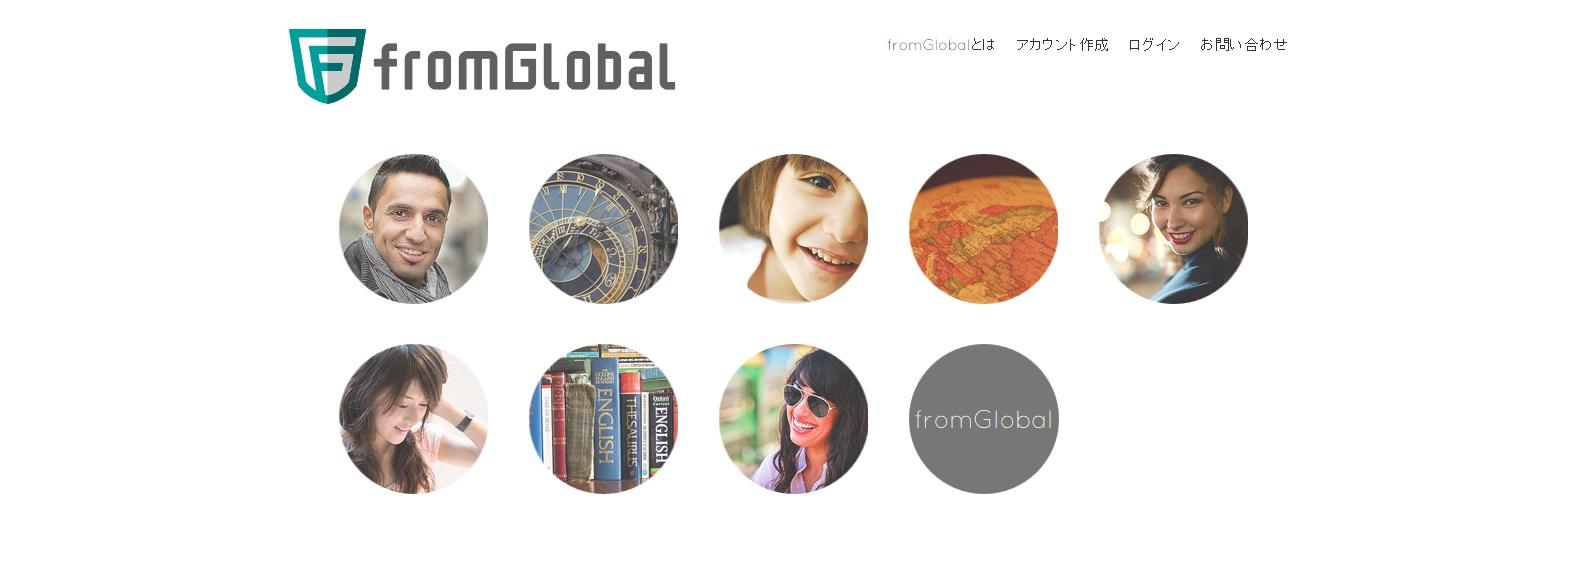 フロムグローバル画像